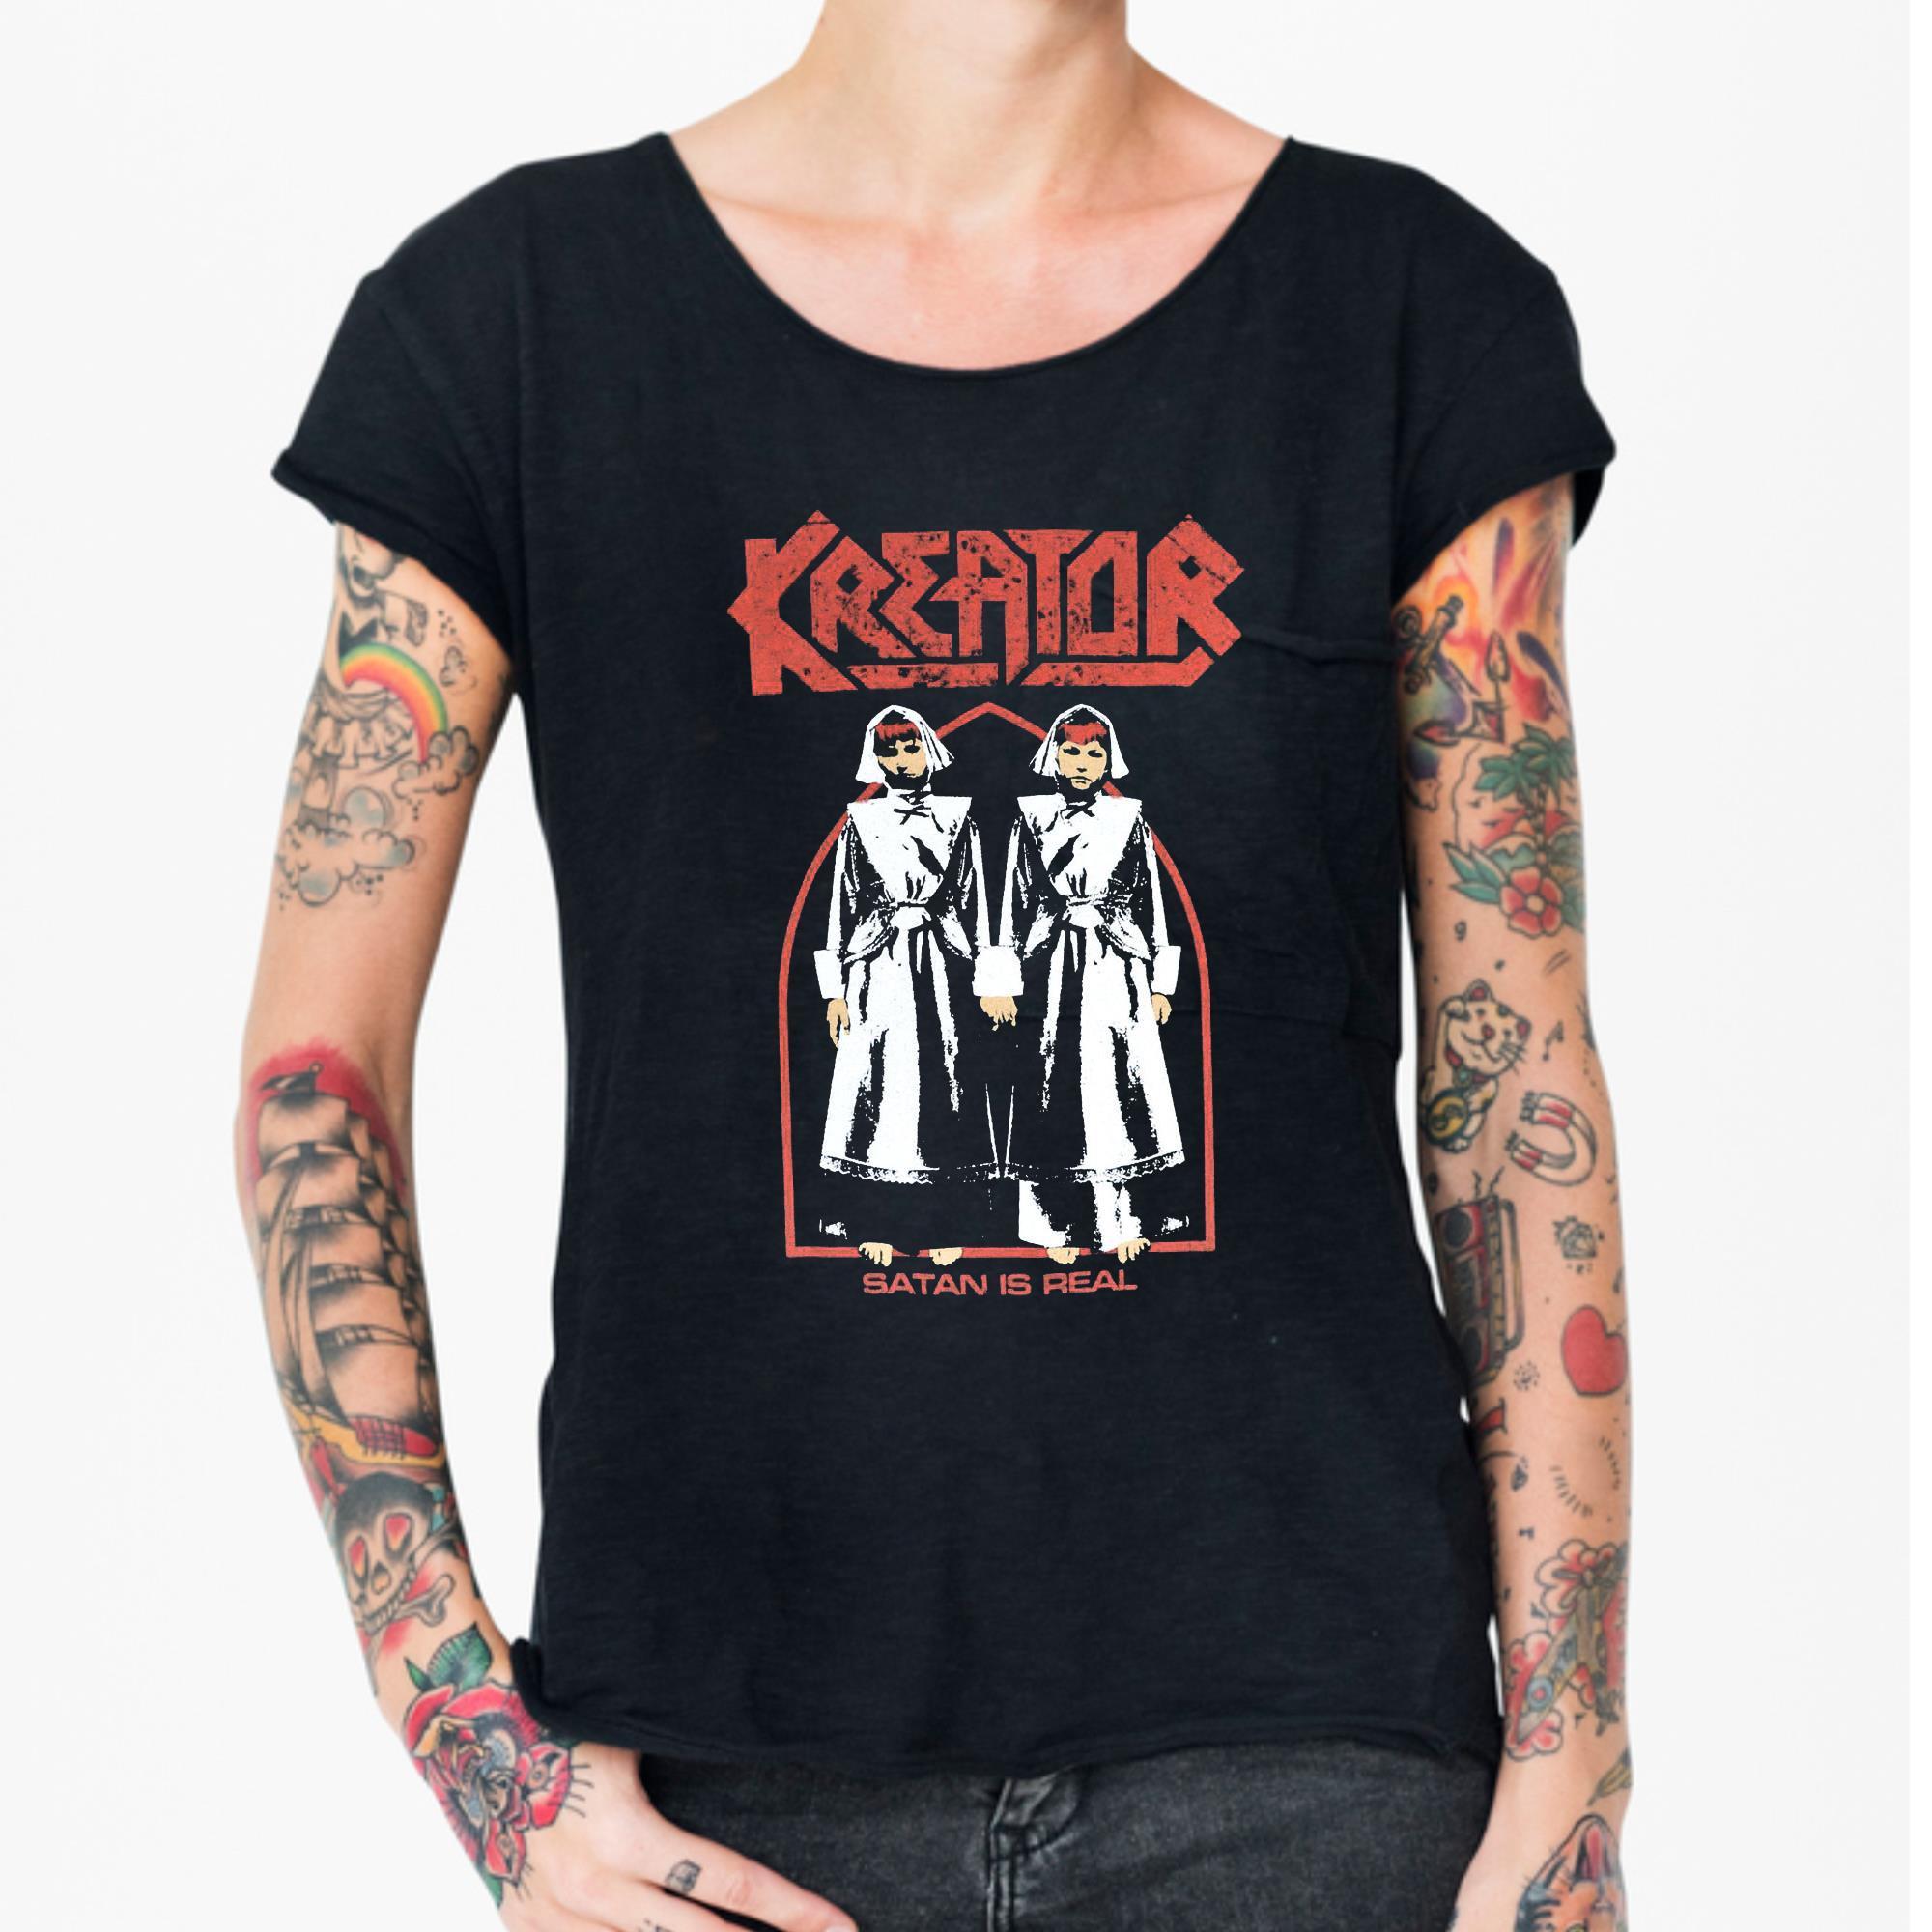 Satan Is Real T-shirt